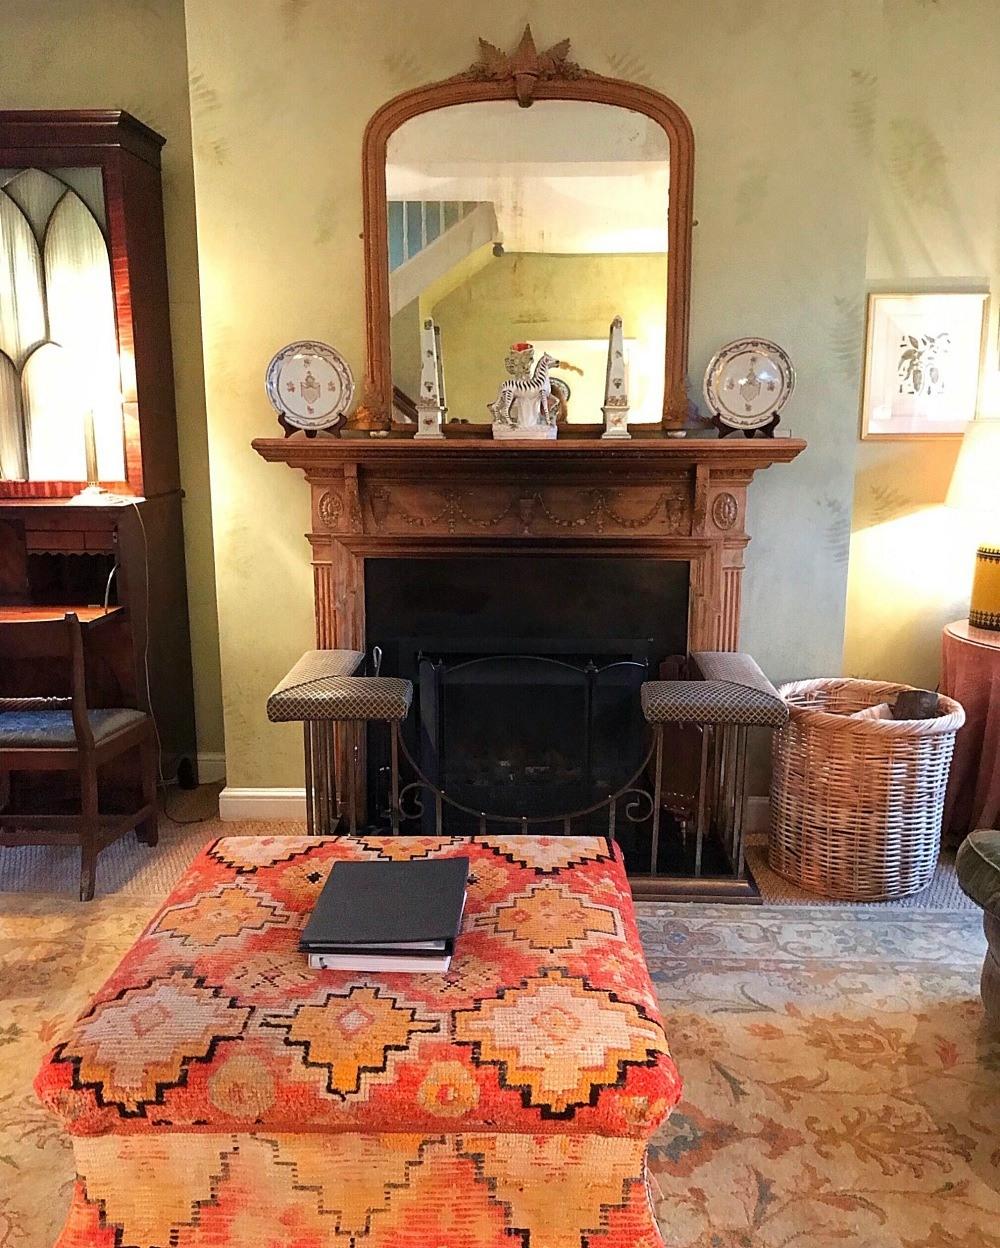 Living room Aintree - Bruern Cottages - Photo Heatheronhertravels.com